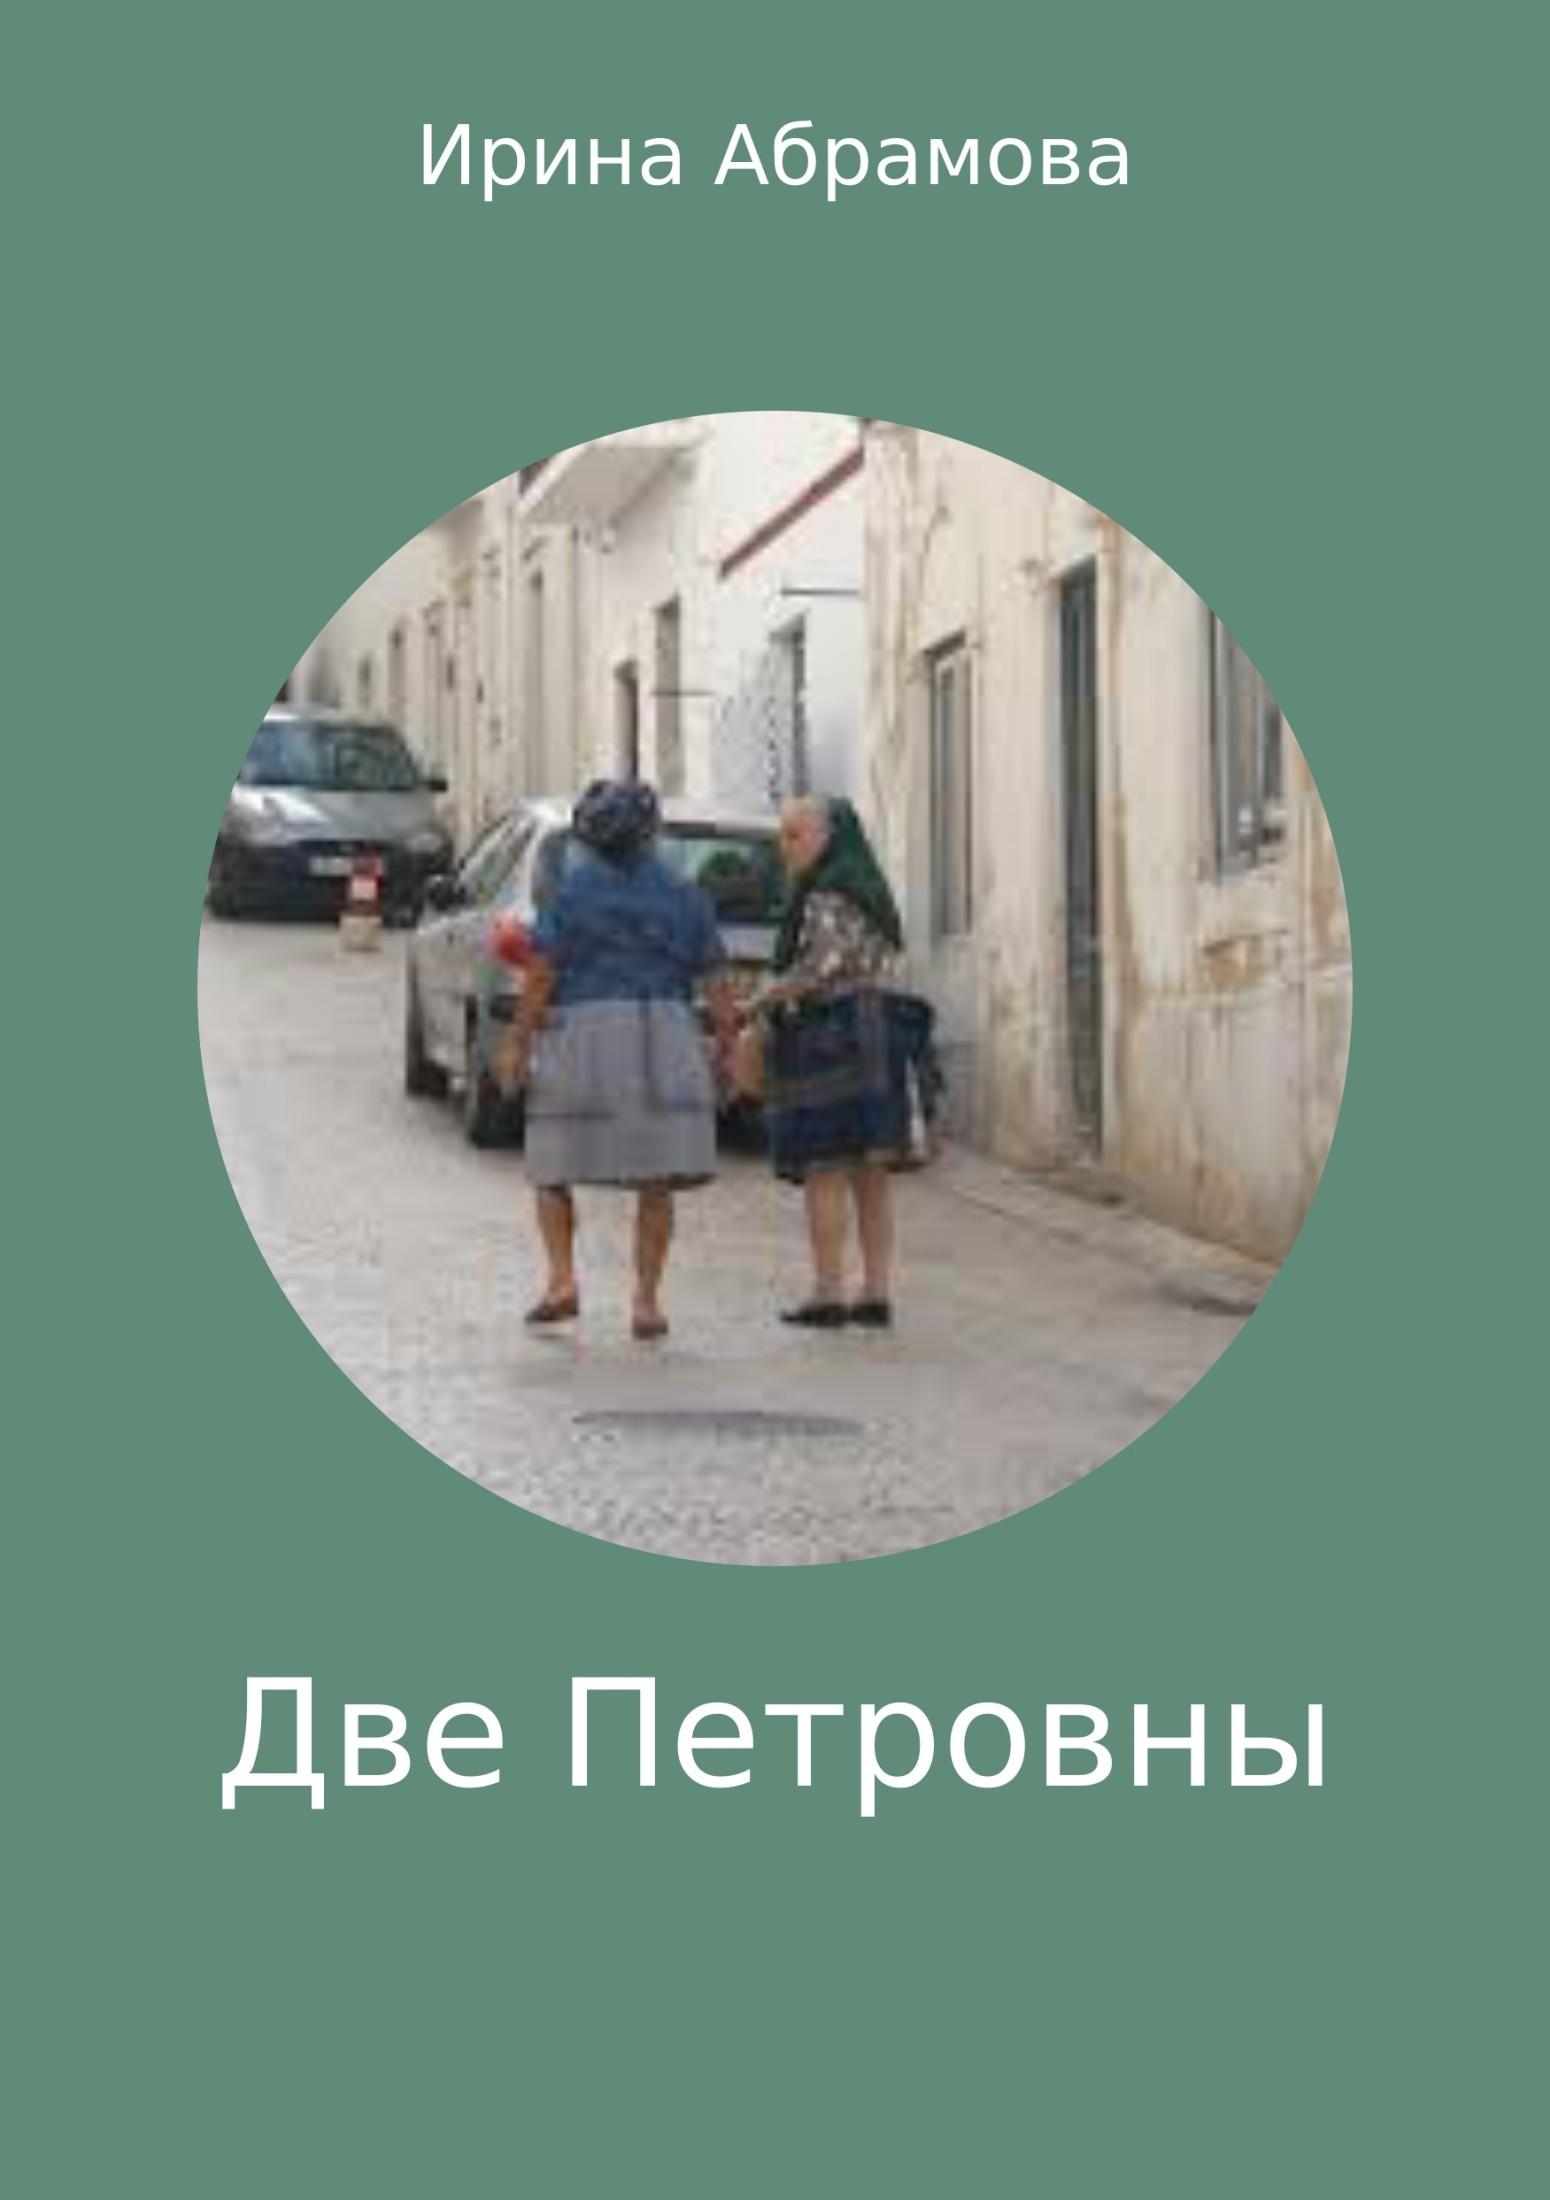 Обложка книги Две Петровны, автор Ирина Михайловна Абрамова